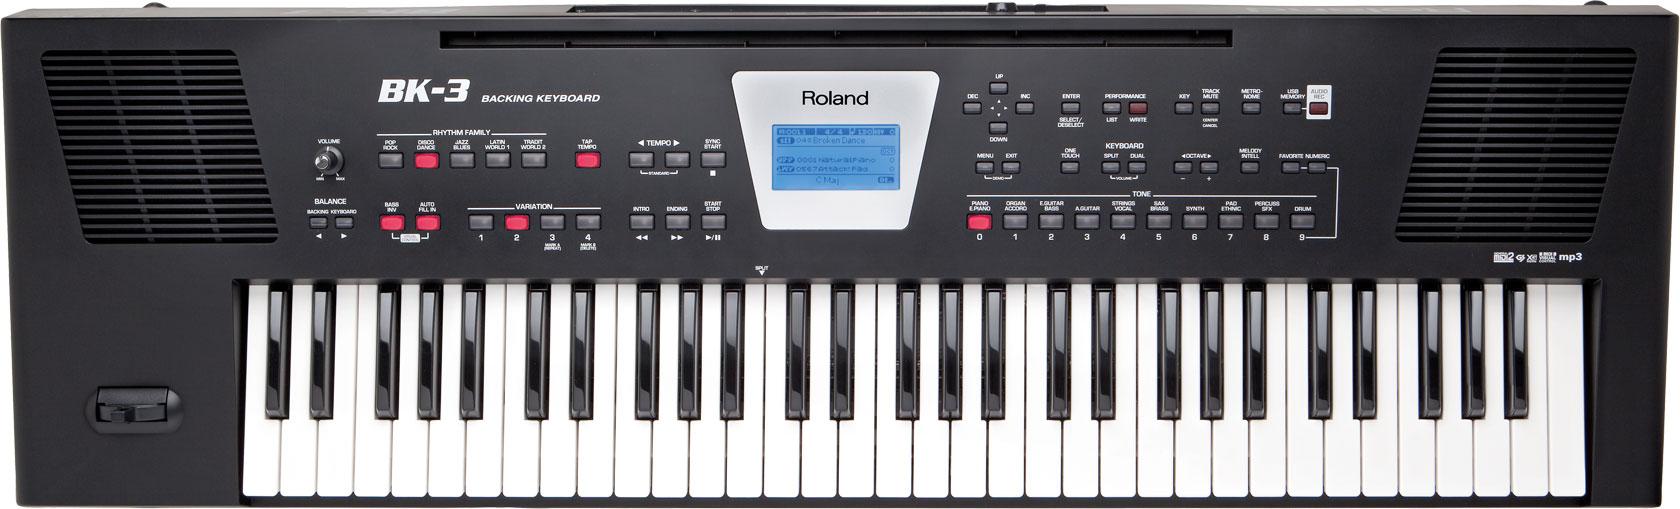 BK-3 | Backing Keyboard - Roland